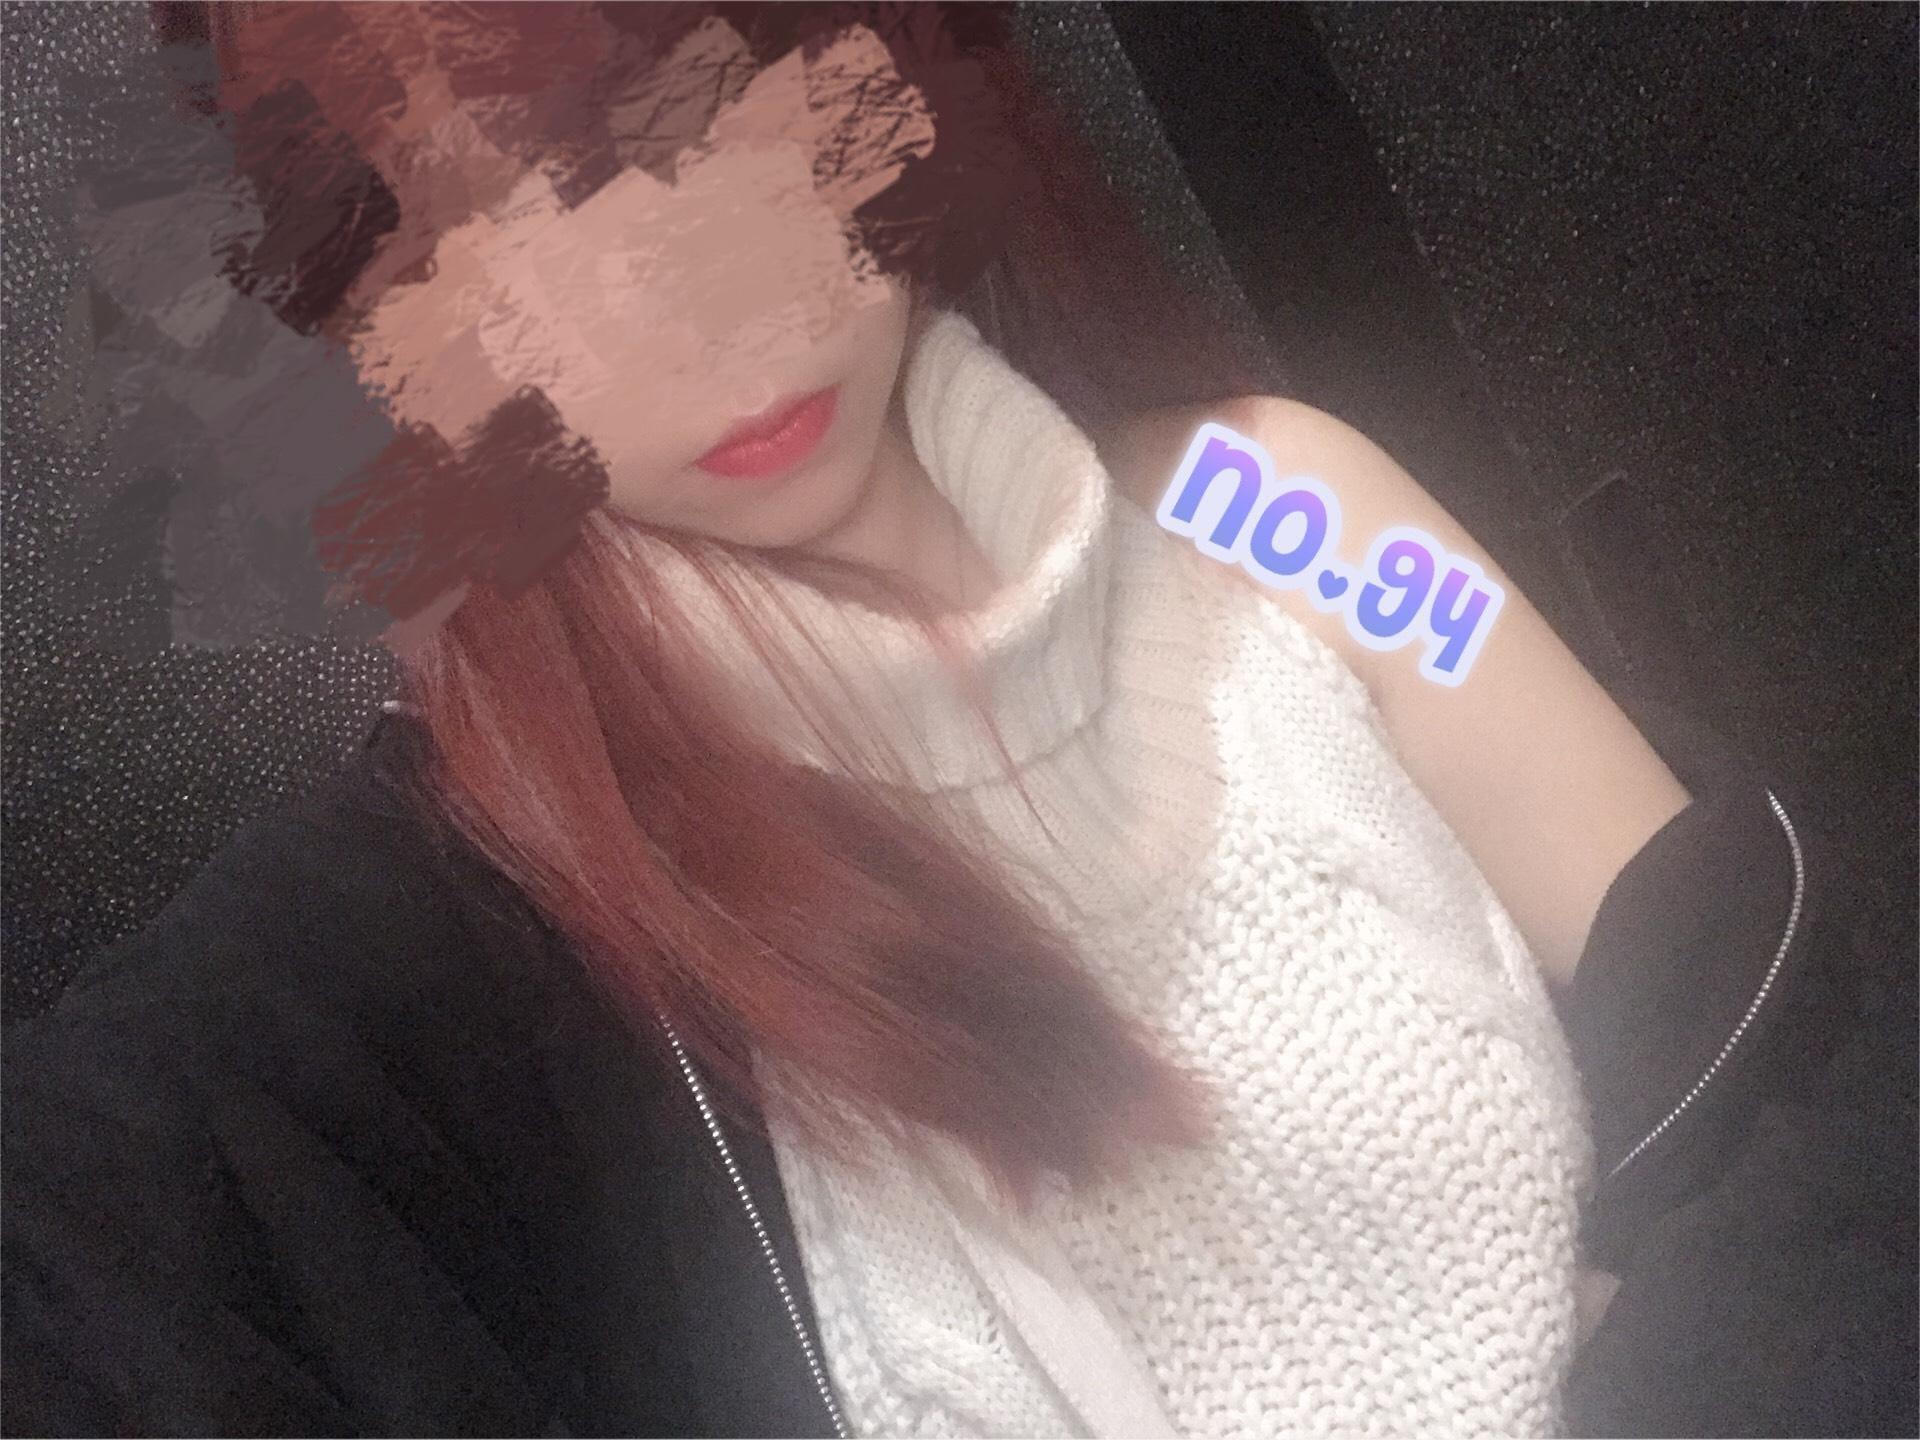 小泉「No.94 小泉 雪桜な日」03/29(日) 15:58 | 小泉の写メ・風俗動画